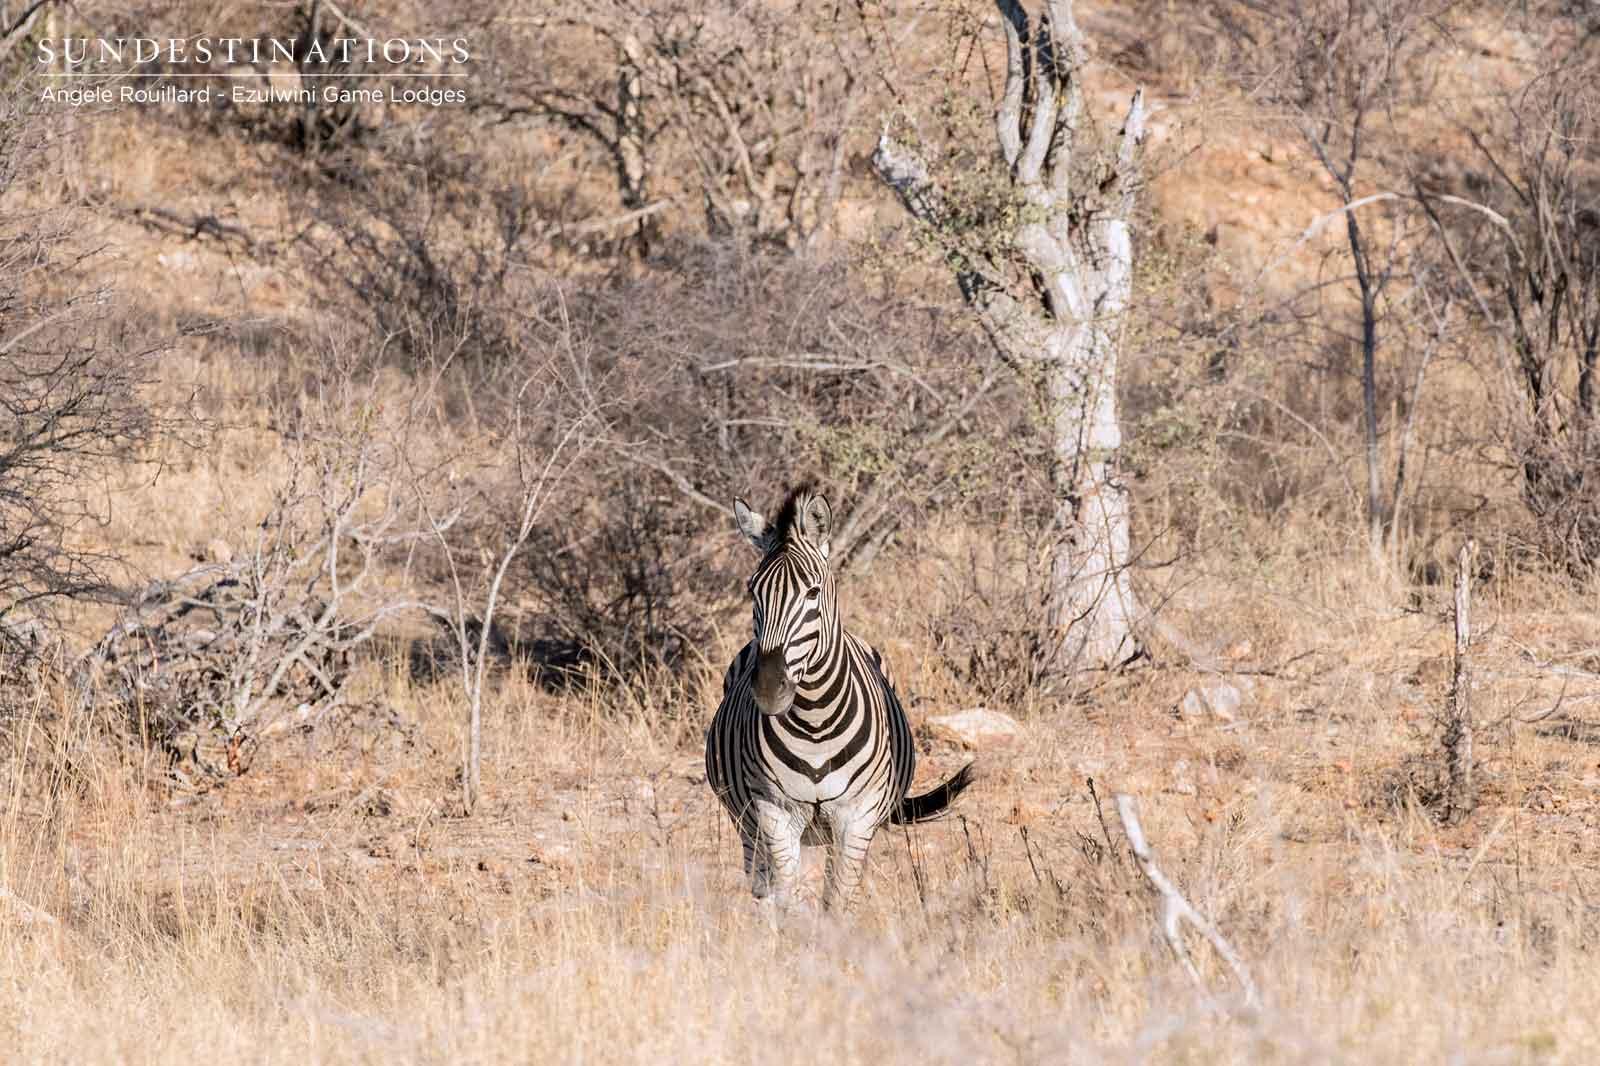 Zebra Ezulwini Balule